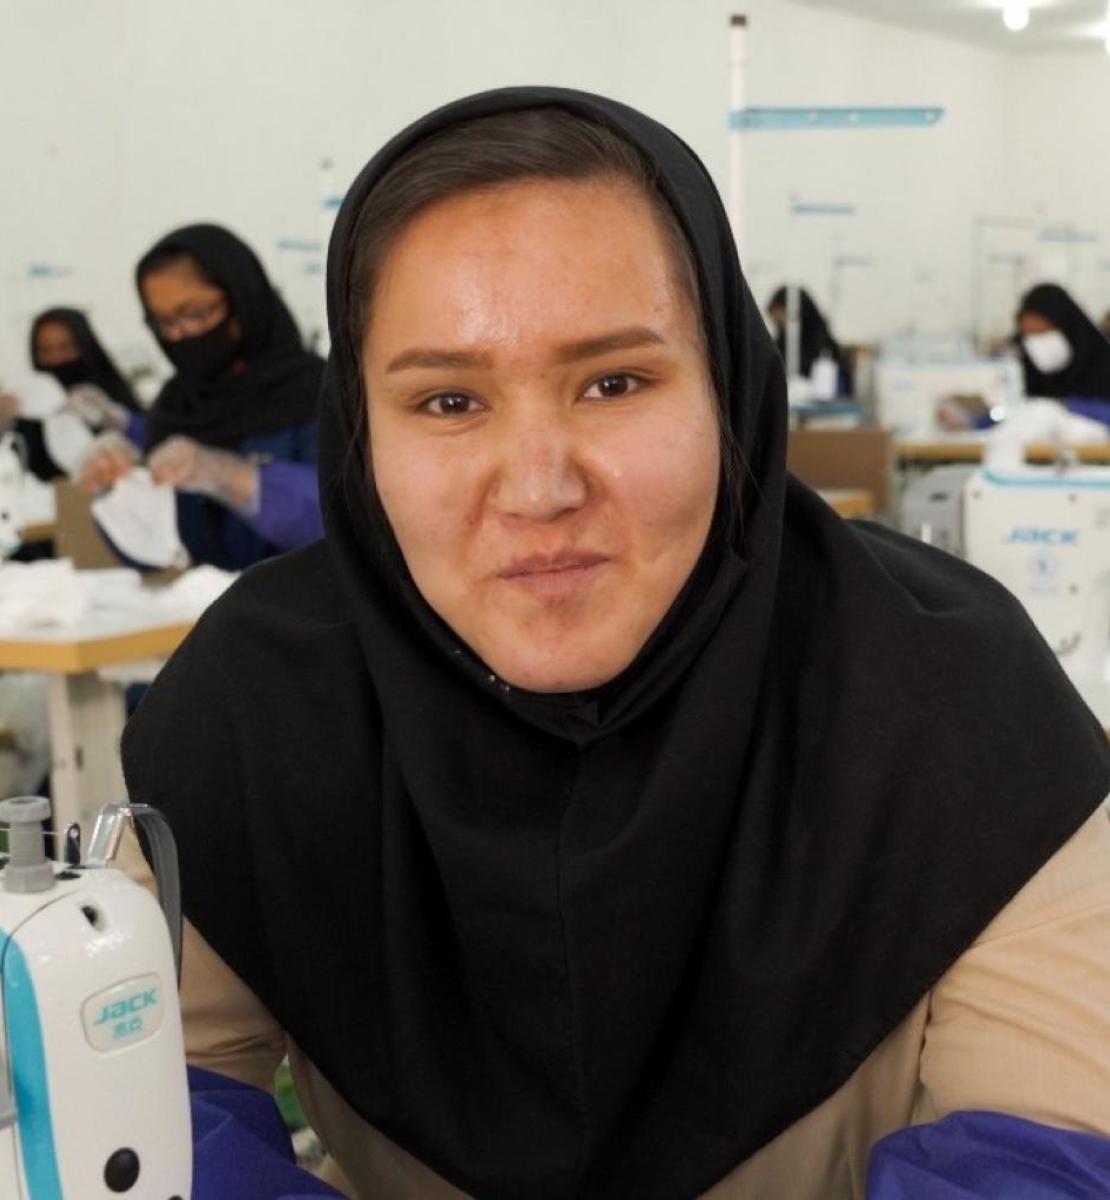 Una mujer joven mira directamente a la cámara en una sala llena de mujeres que trabajan con máquinas de coser.